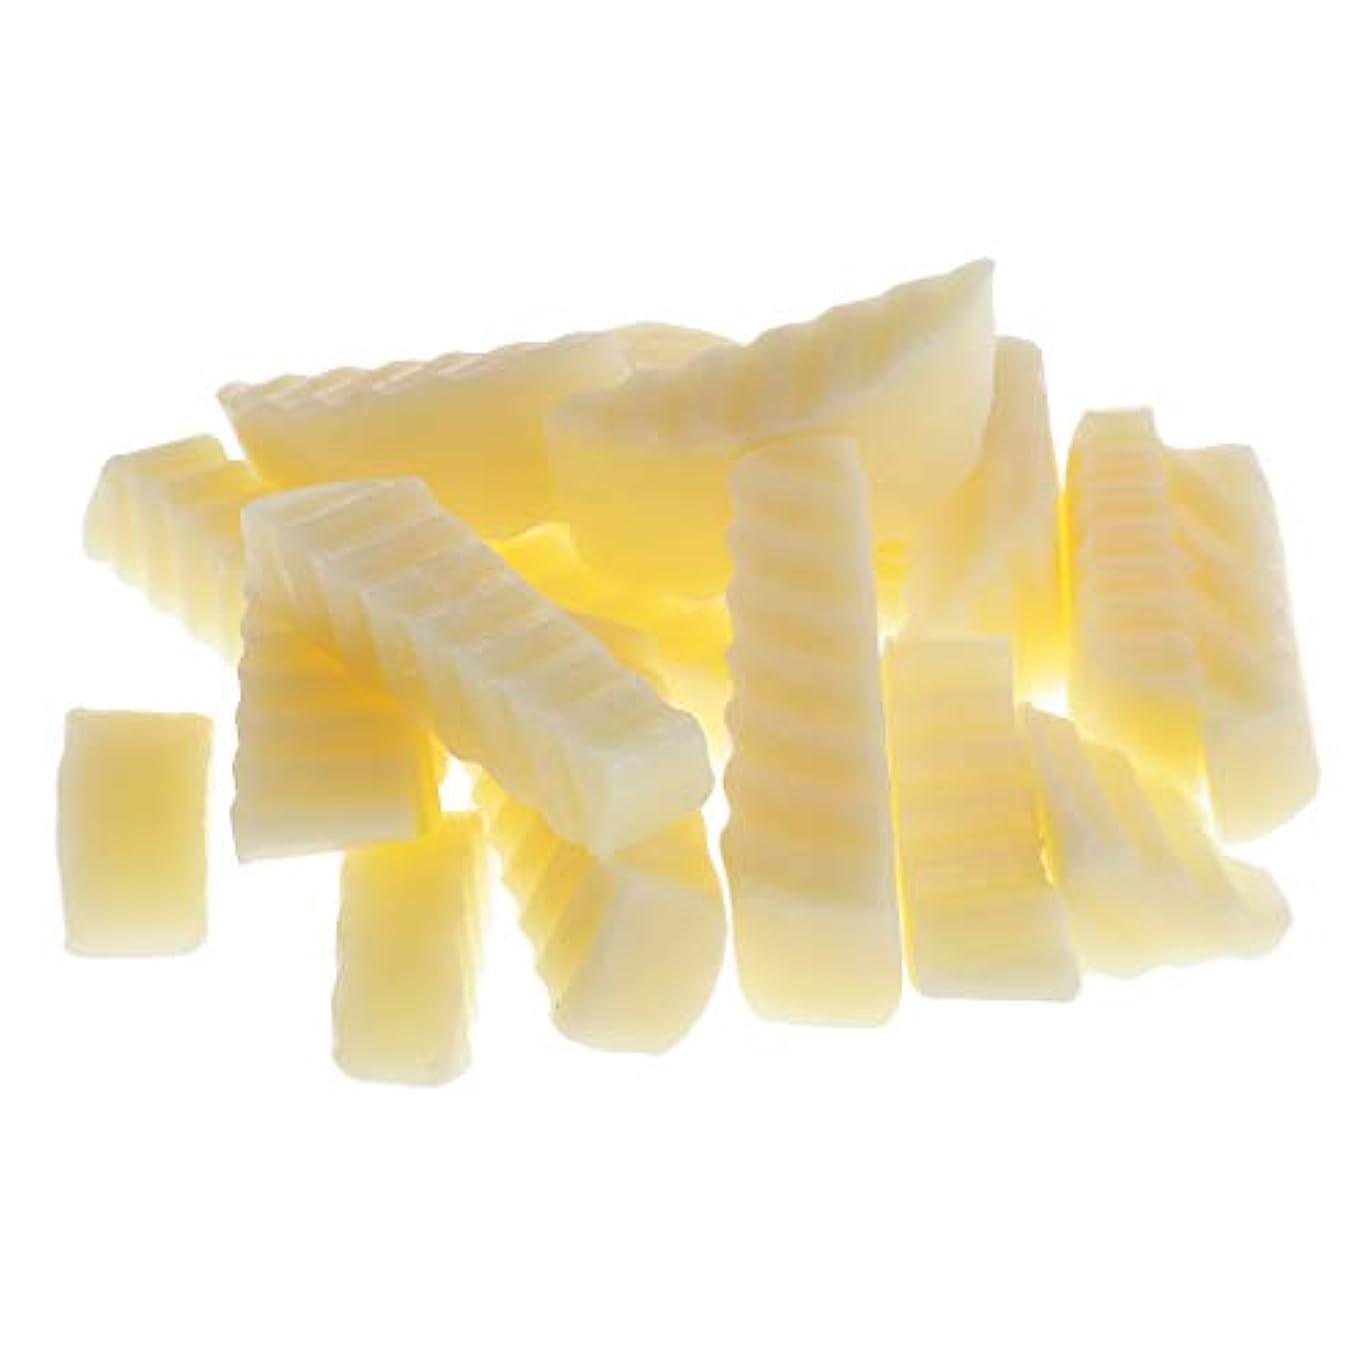 ミッション唯一虹約250g /パック ラノリン石鹸 自然な素材 DIY手作り 石鹸 固形せっけん 使いやすい